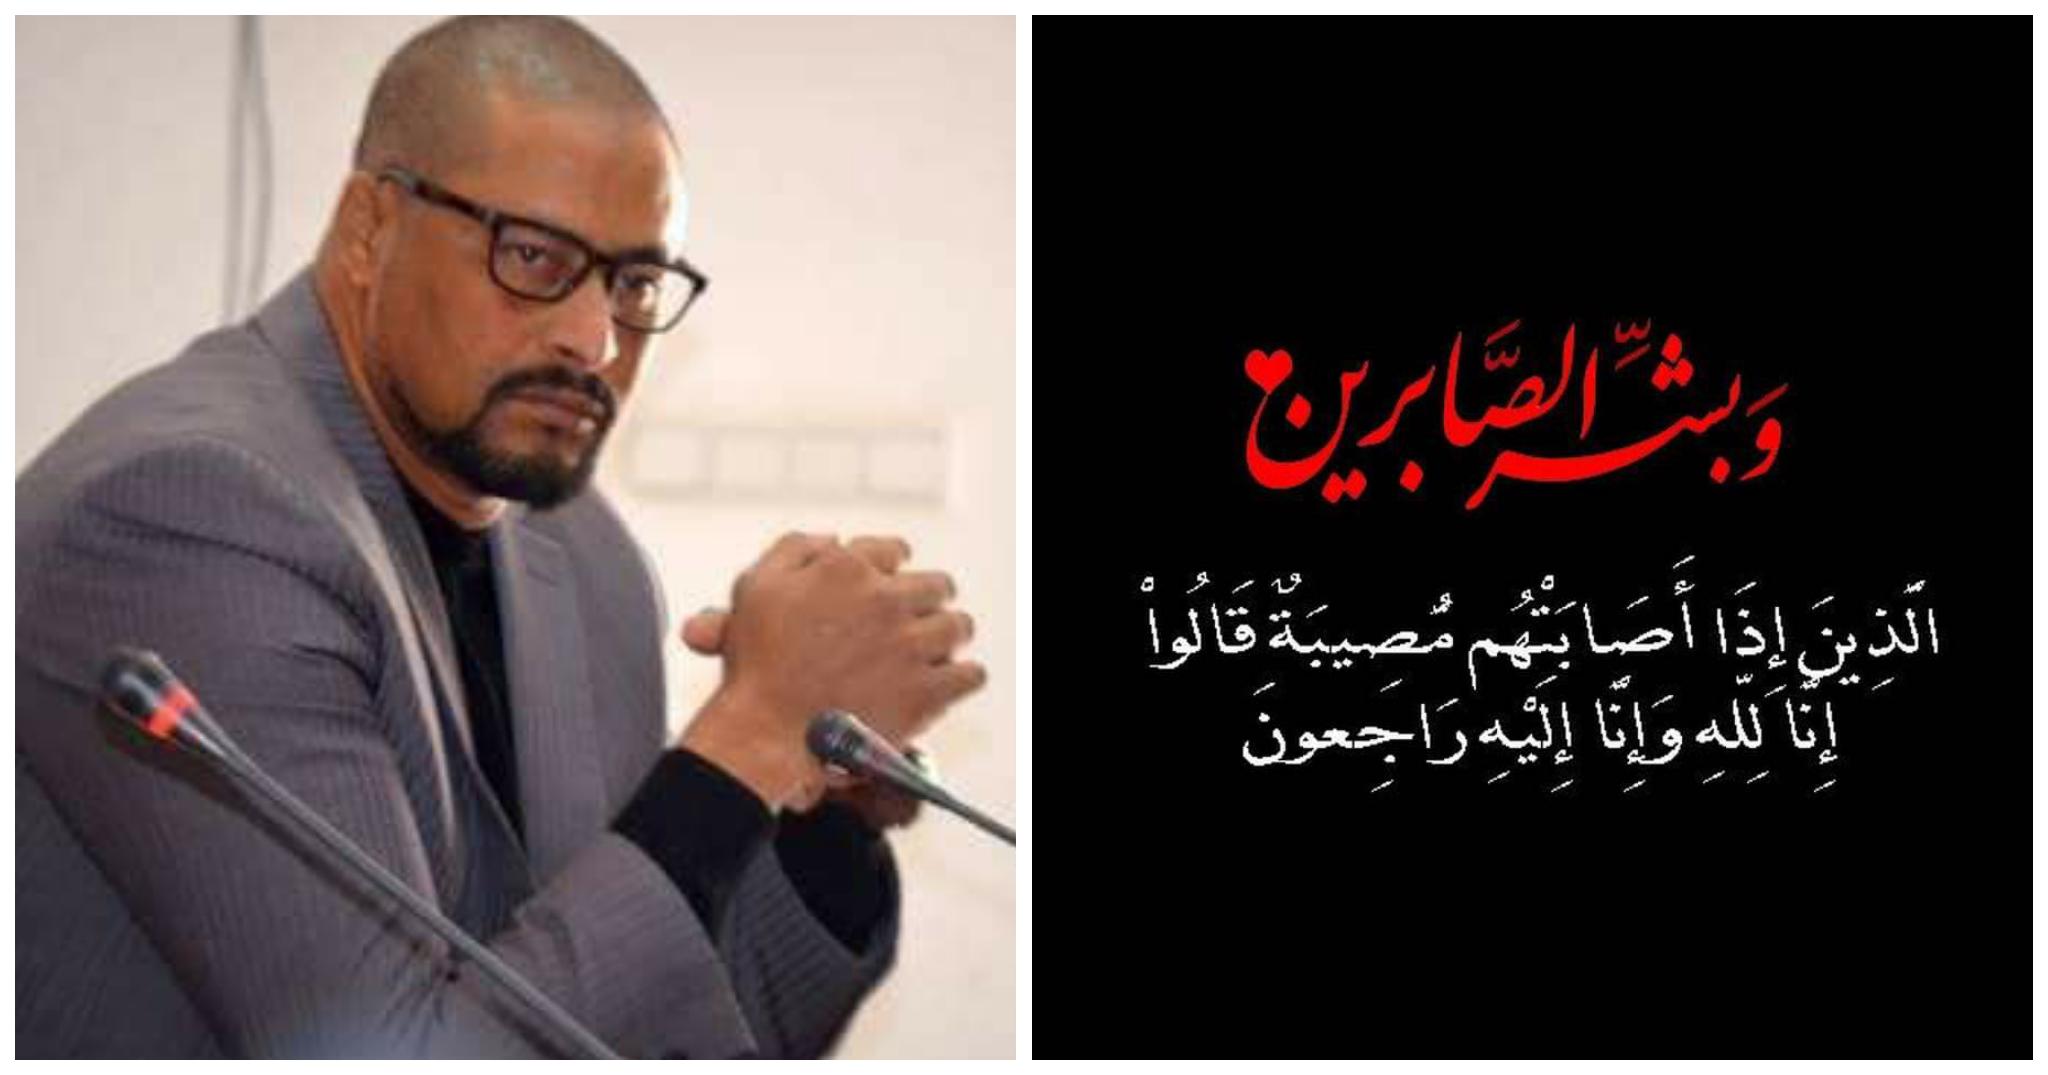 تعزية ومواساة للفاعل السياسي محمد طوري في وفاة شقيقته